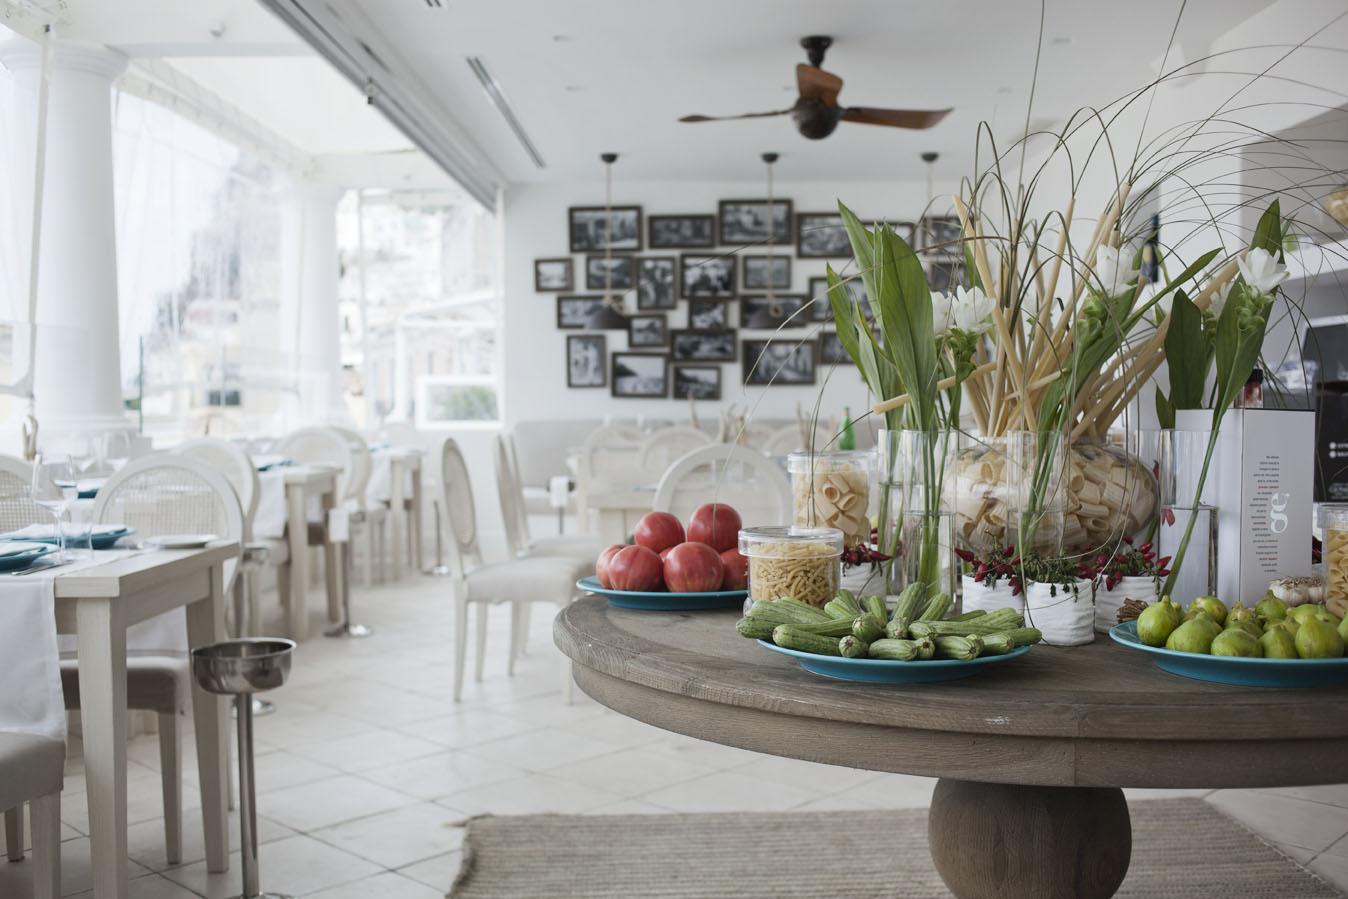 Quanto costa mangiare ristorante di Gennaro Esposito